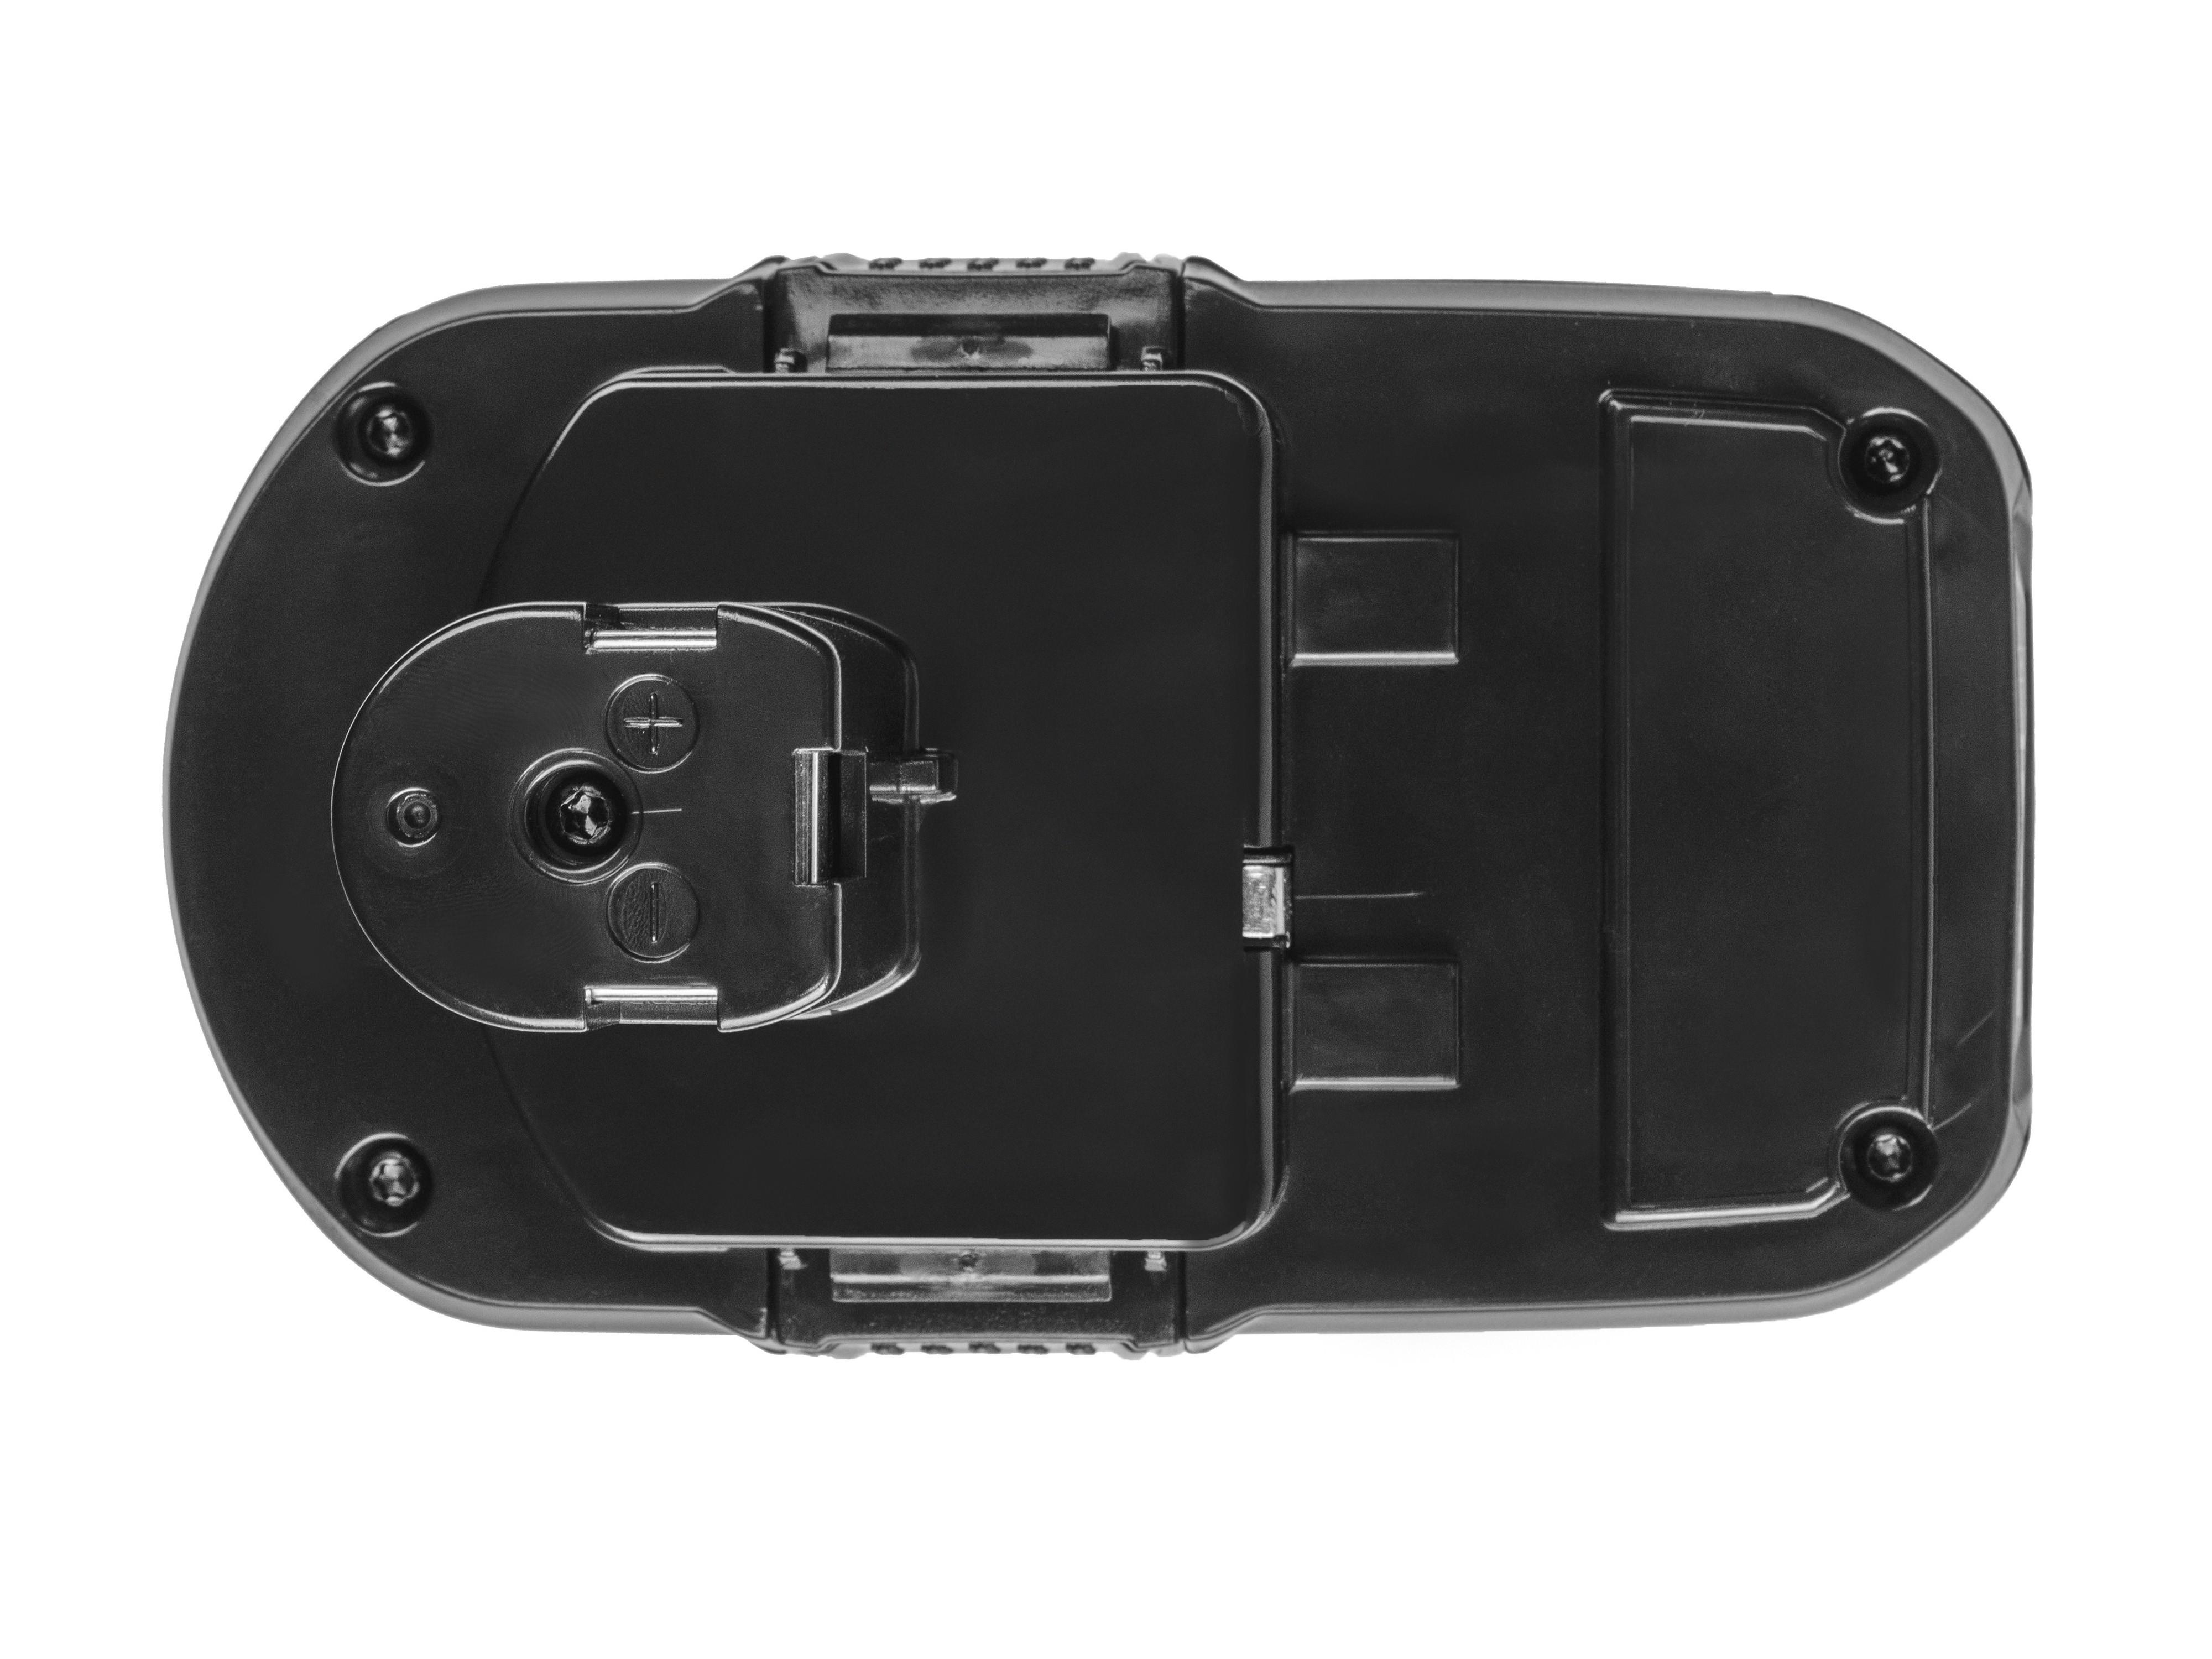 Elverktyg Batteri RB18L50 för Ryobi ONE+ P1100 P200 P300 P400 P500 P600 P700 18V 5000mAh